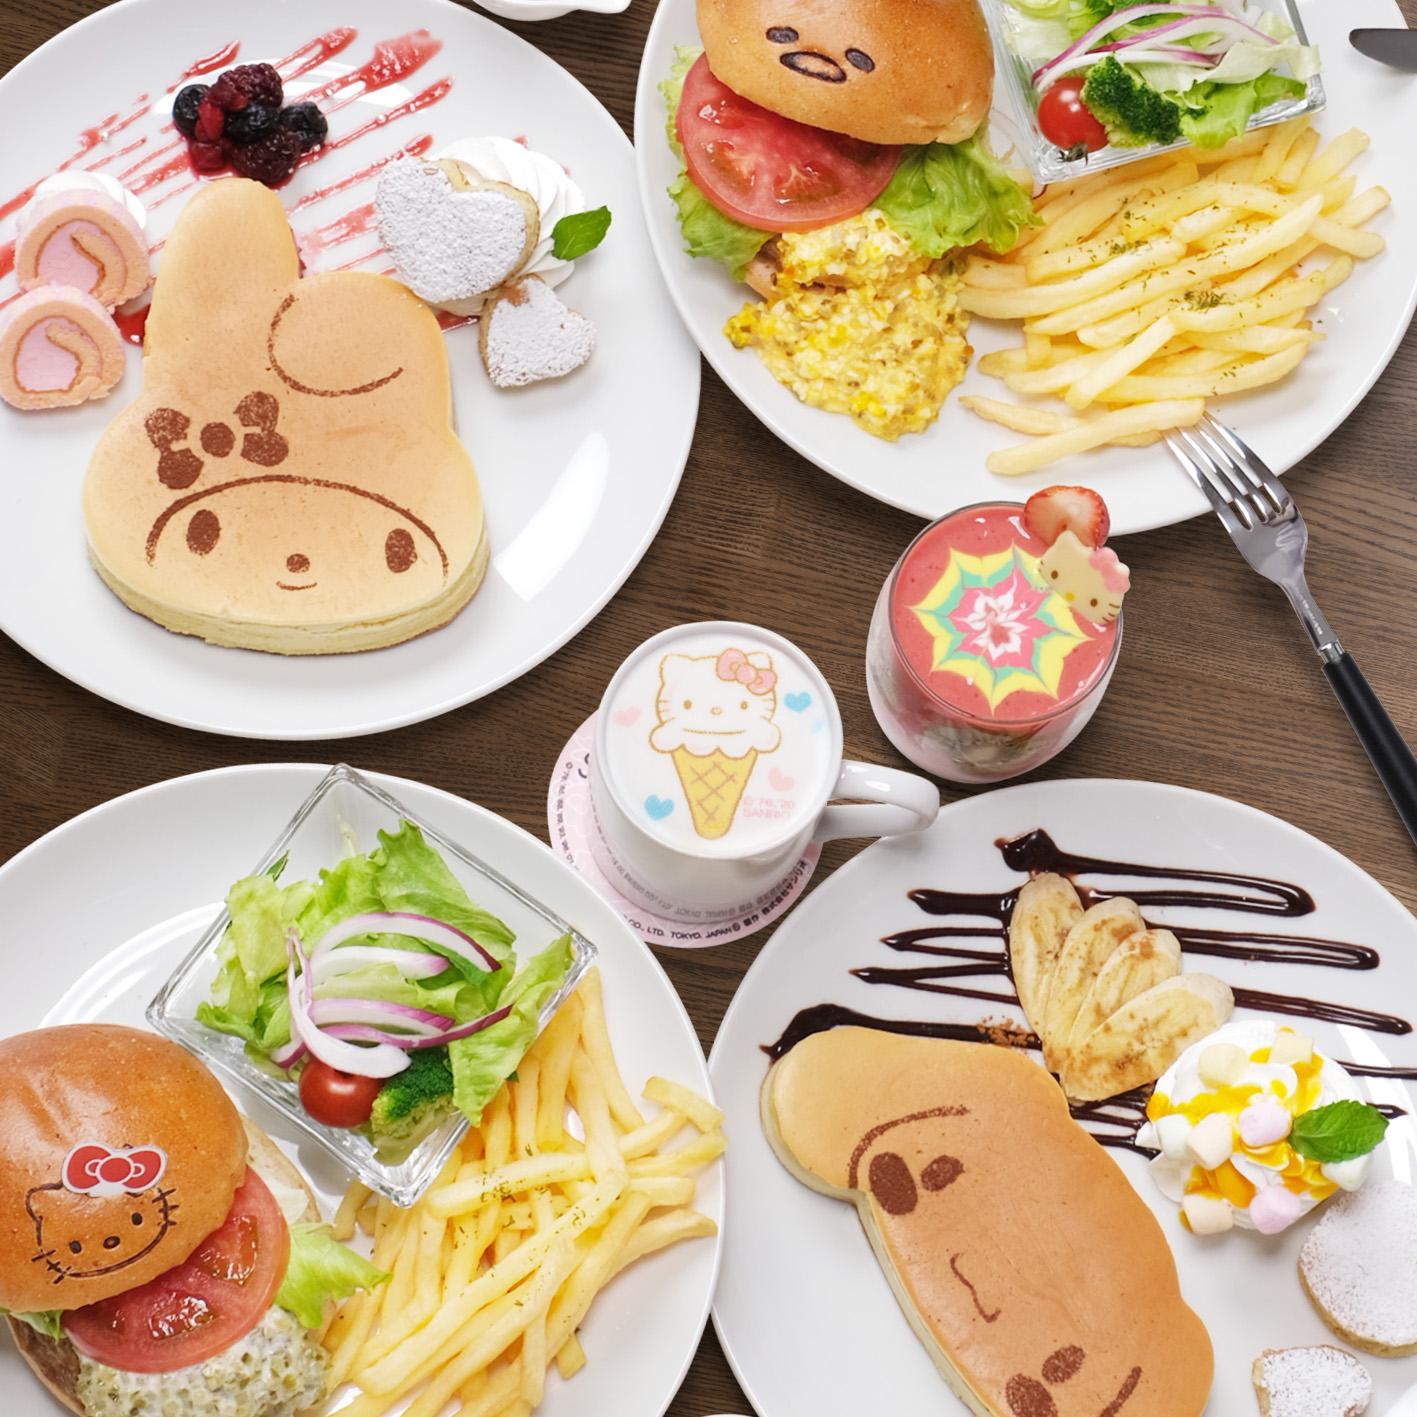 SANRIO CAFE in Ikebukuro, Tokyo